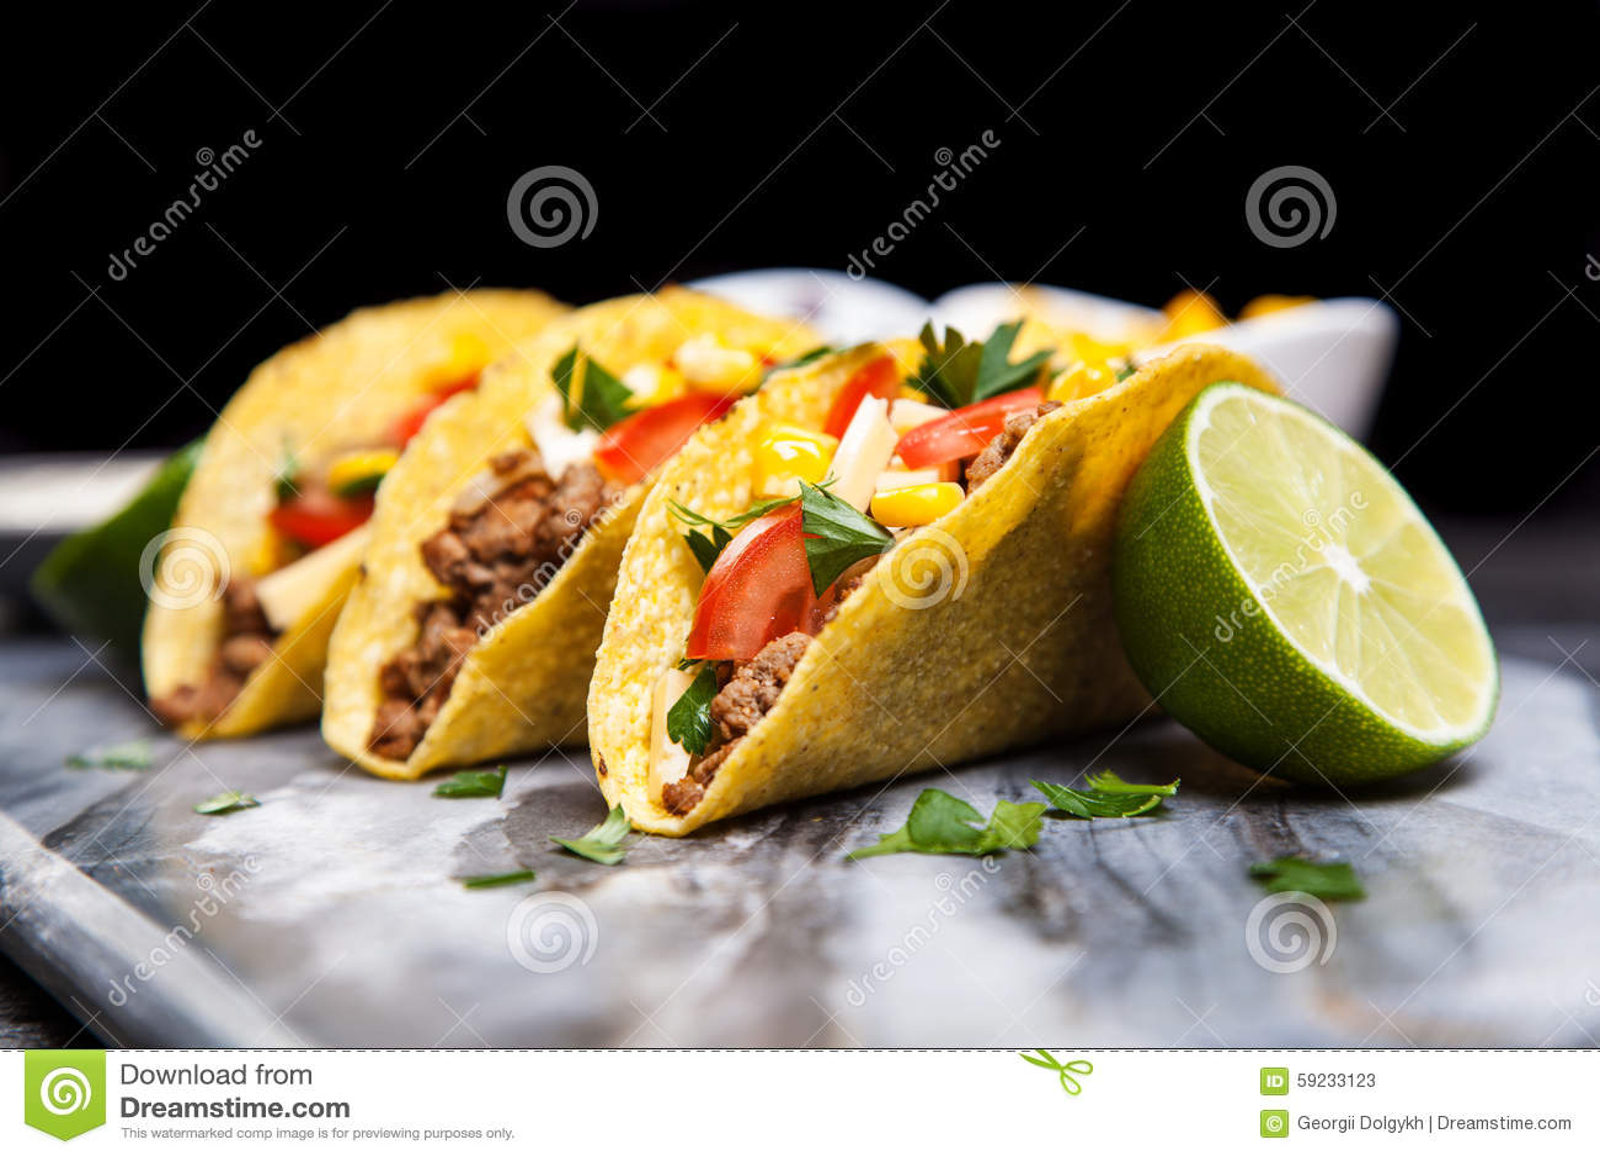 Download Tacos delicioso imagen de archivo. Imagen de queso, porción - 59233123